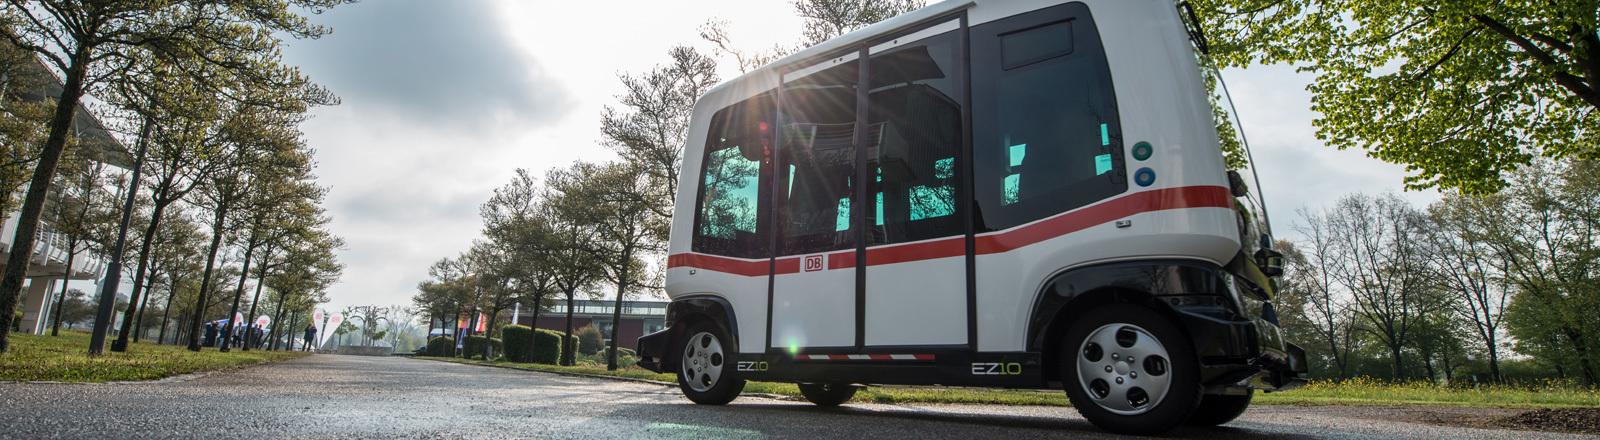 Ein autonom fahrender Bus fährt am 29.04.2017 in Bad Birnbach (Bayern) auf einer Teststrecke. Der erste selbstfahrende Bus im öffentlichen Nahverkehr in Deutschland soll ab Herbst durch den Ort im Landkreis Rottal-Inn rollen. Die Deutsche Bahn (DB) hat das auf zwei Jahre angelegte Pilotprojekt in dem niederbayerischen Kurort vorgestellt.